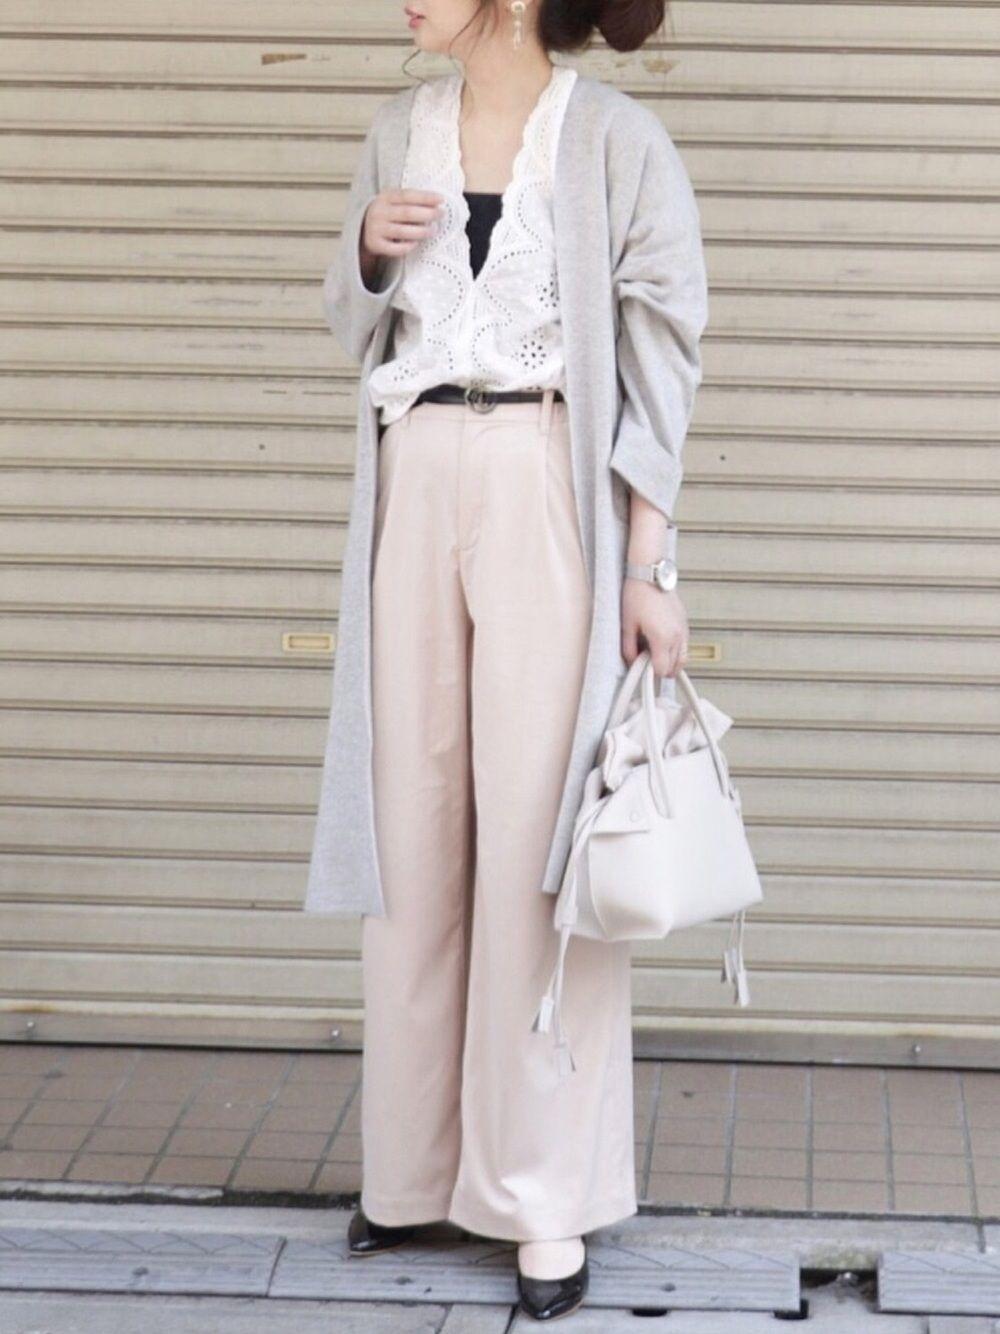 Maiko Jeanasisのカーディガンを使ったコーディネート Wear ファッション ファッションアイデア ロングカーディガン グレー